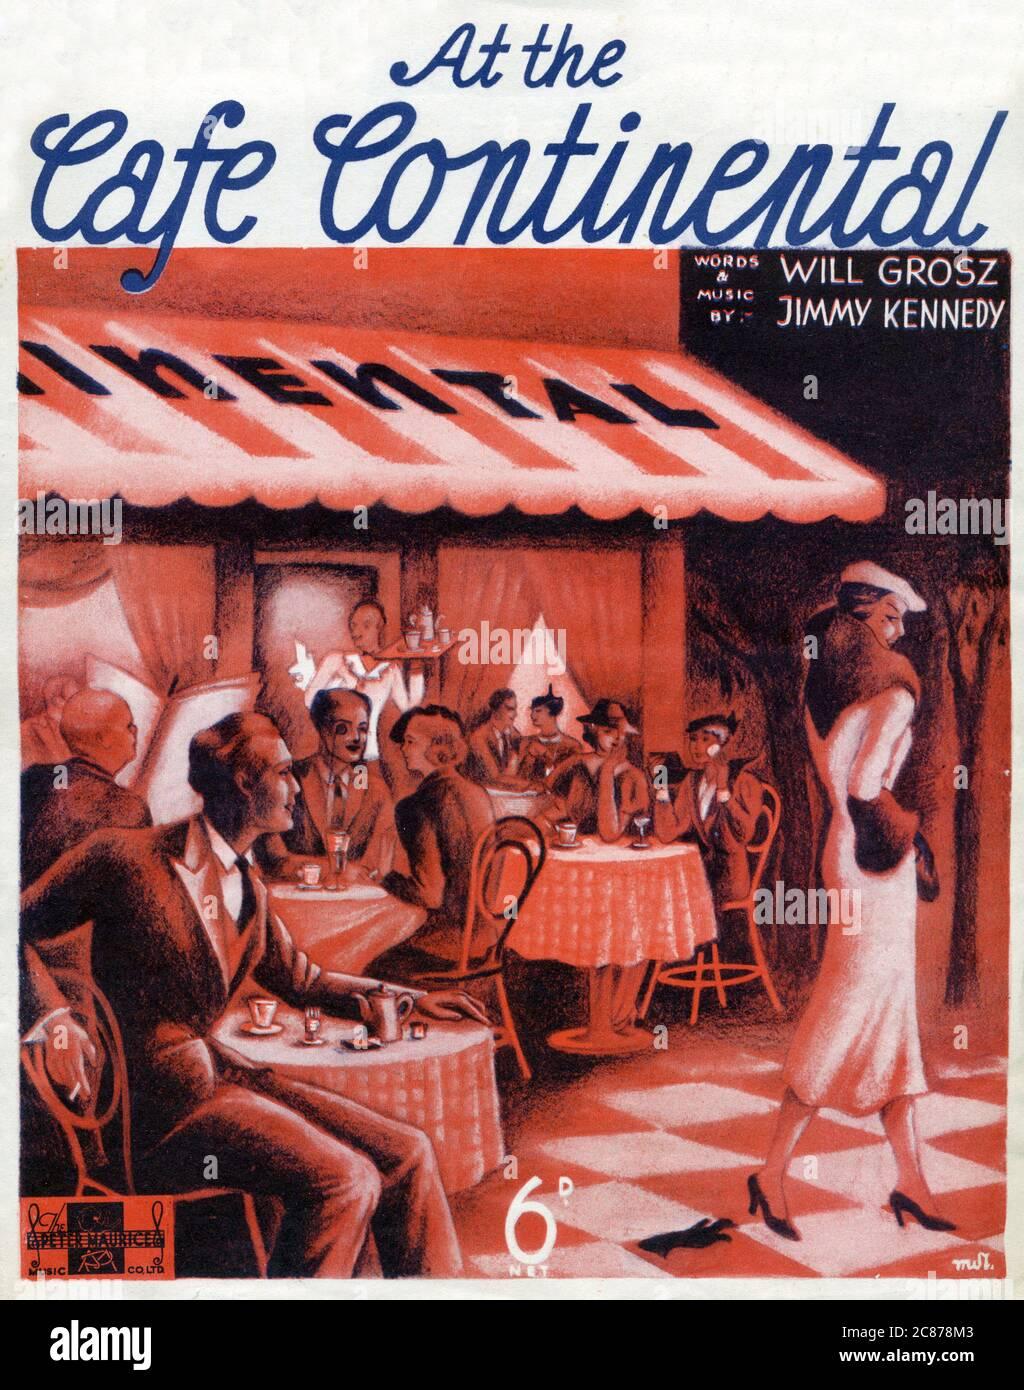 Copertina di musica per 'At The Cafe Continental' di volontà Grosz e Jimmy Kennedy. L'illustrazione presenta un cafe continentale con vari patroni seduti ai tavoli all'aperto. Un cameriere emerge con bevande e una donna elegante cattura l'occhio di un ammiratore. Data: 1936 Foto Stock